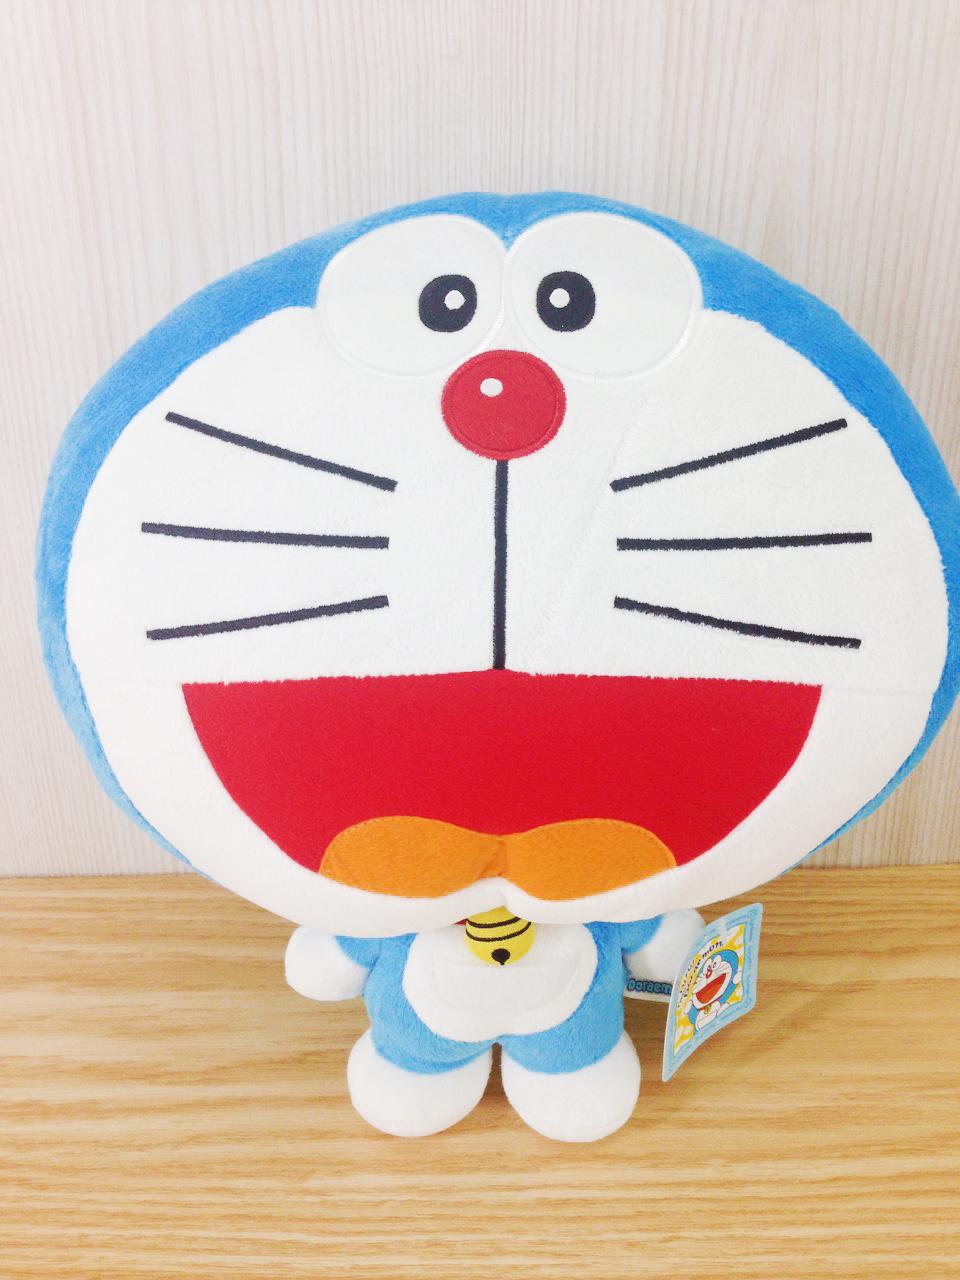 【真愛日本】15122200003大頭小身暖手枕-開嘴 Doraemon 哆啦A夢 小叮噹  暖手枕 保暖 靠枕